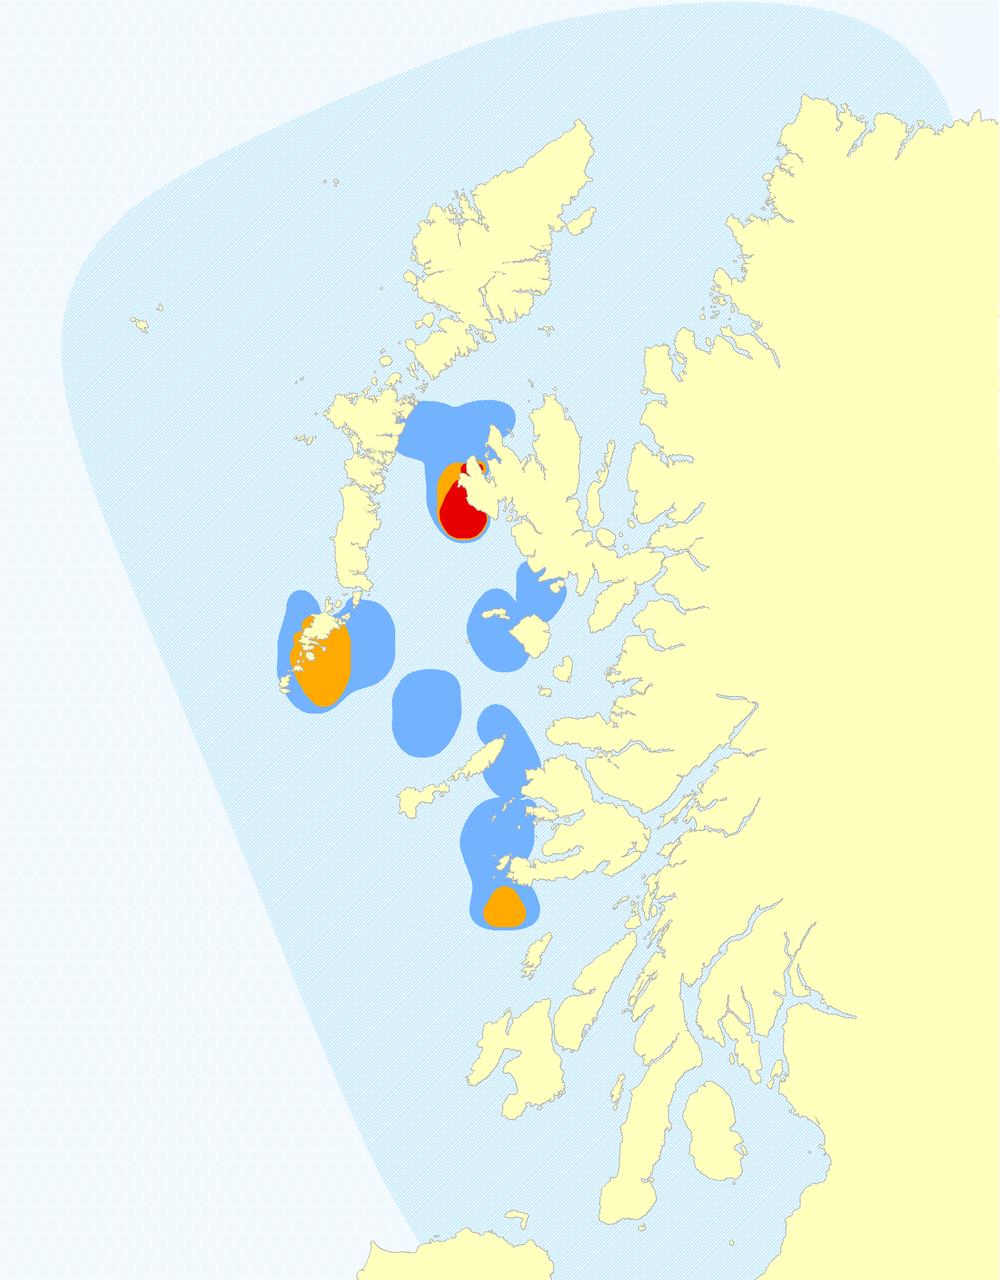 Killer Whale Hotspot Map